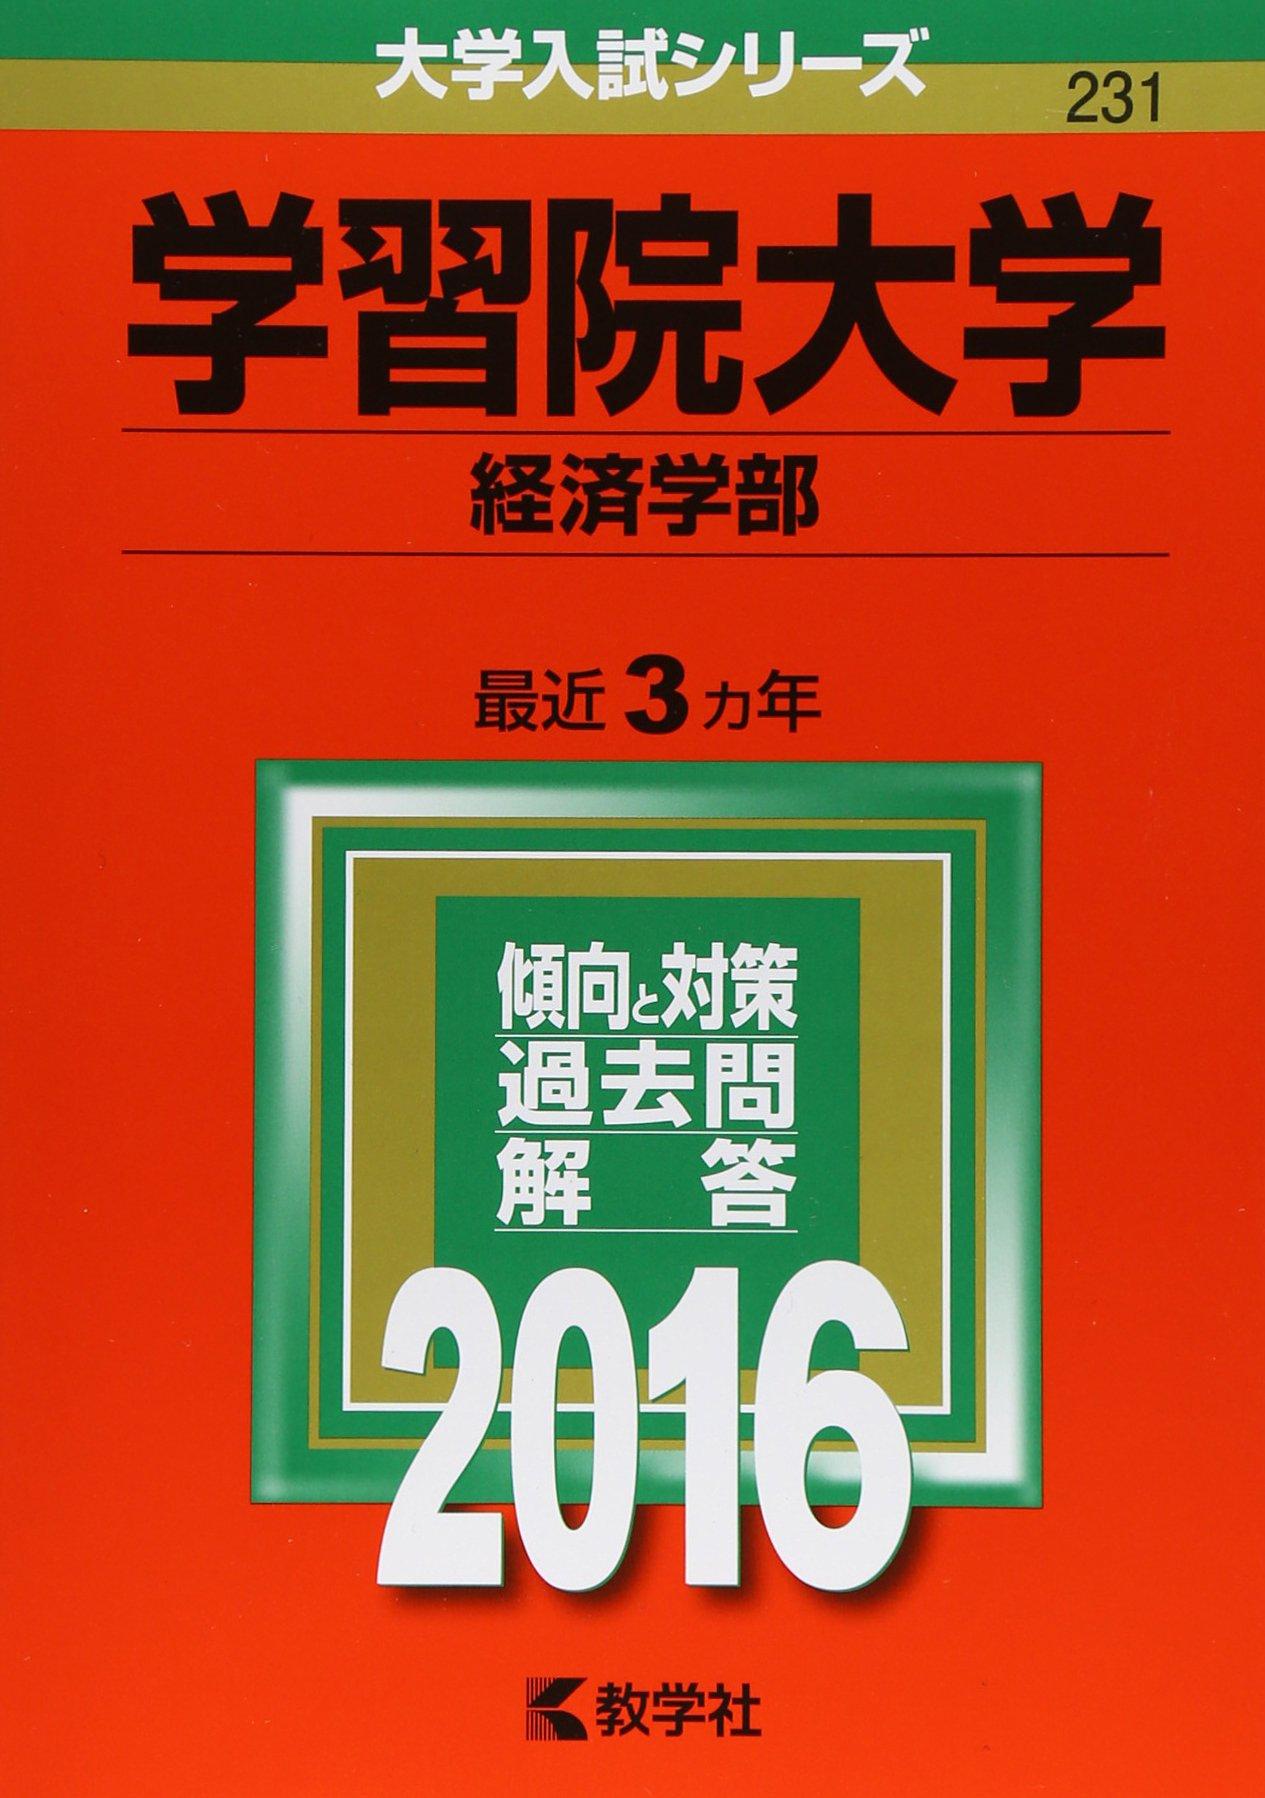 大学 経済 学部 獨協